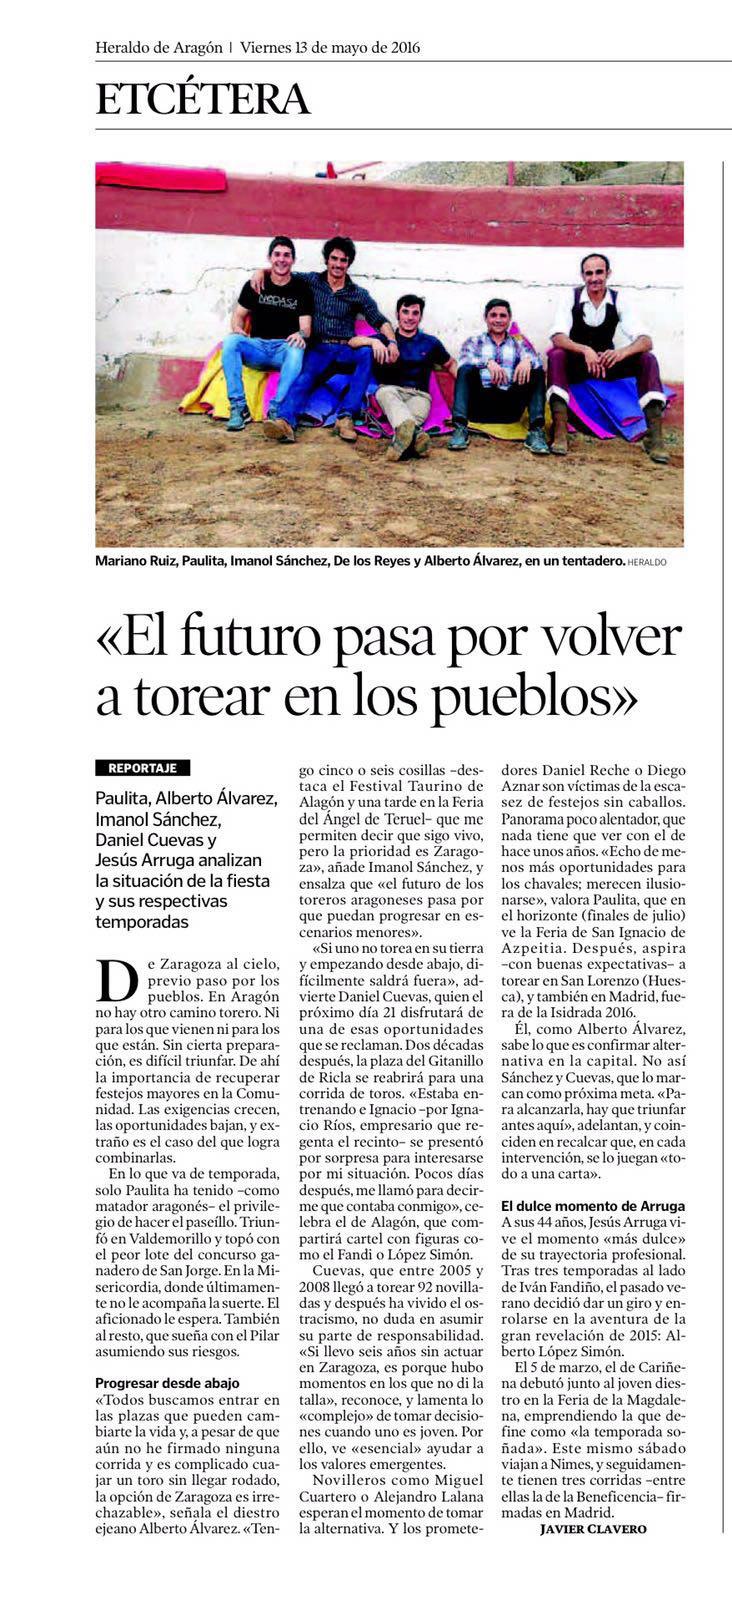 El futuro de nuestros toreros pasa por recuperar los pueblos